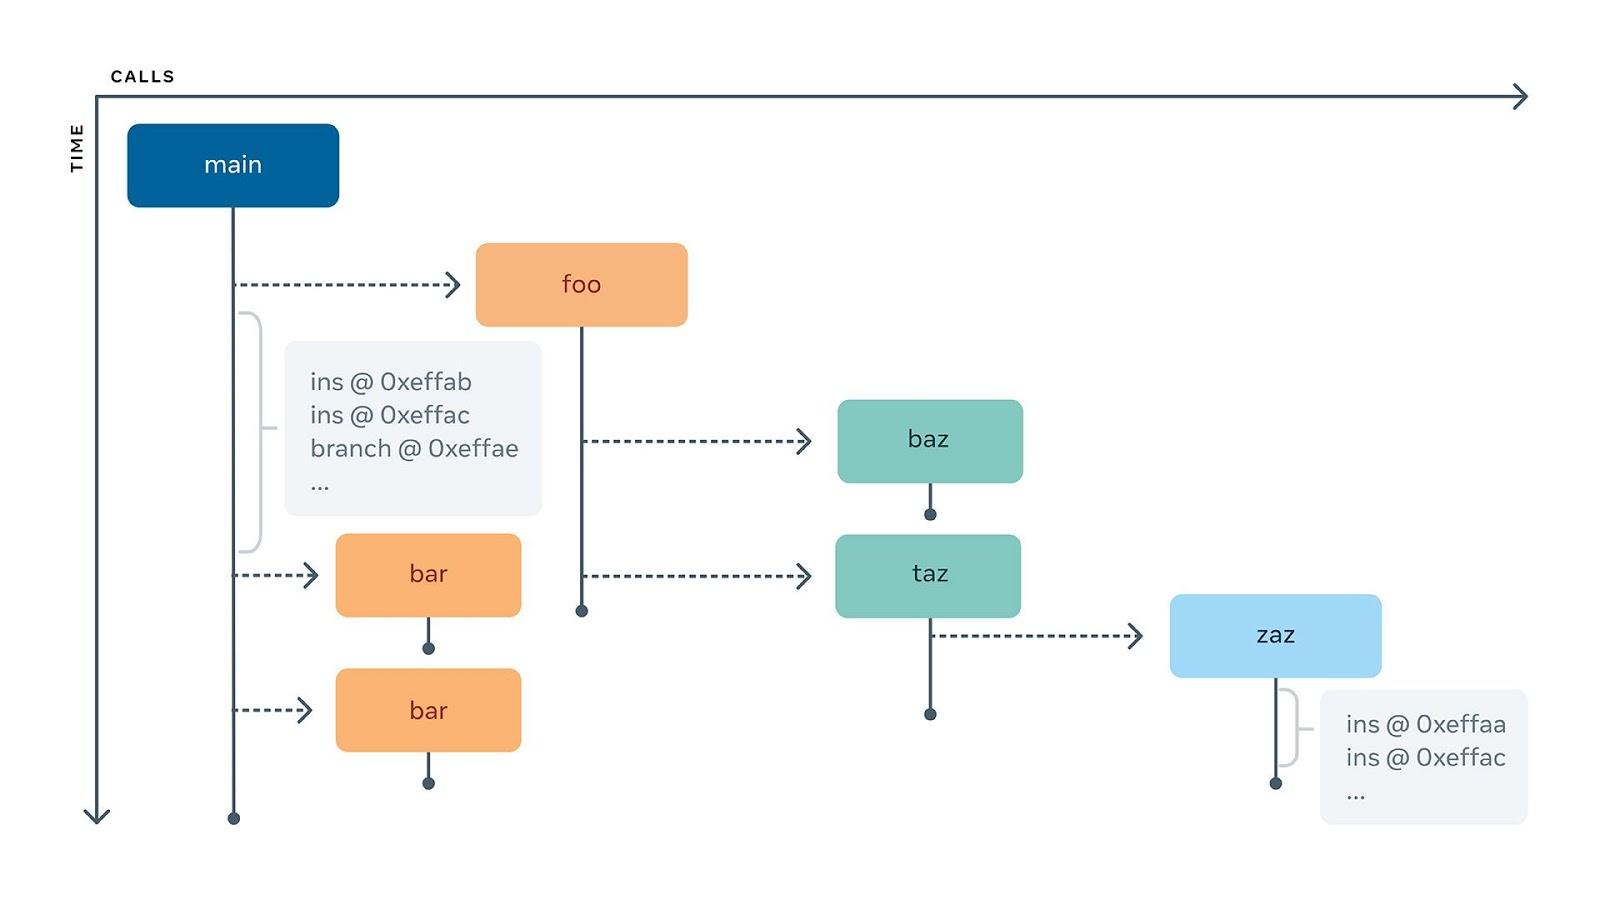 Часть дерева вызовов функций, где каждый вертикальный сегмент содержит инструкции, а места вызова отображаются стрелками.